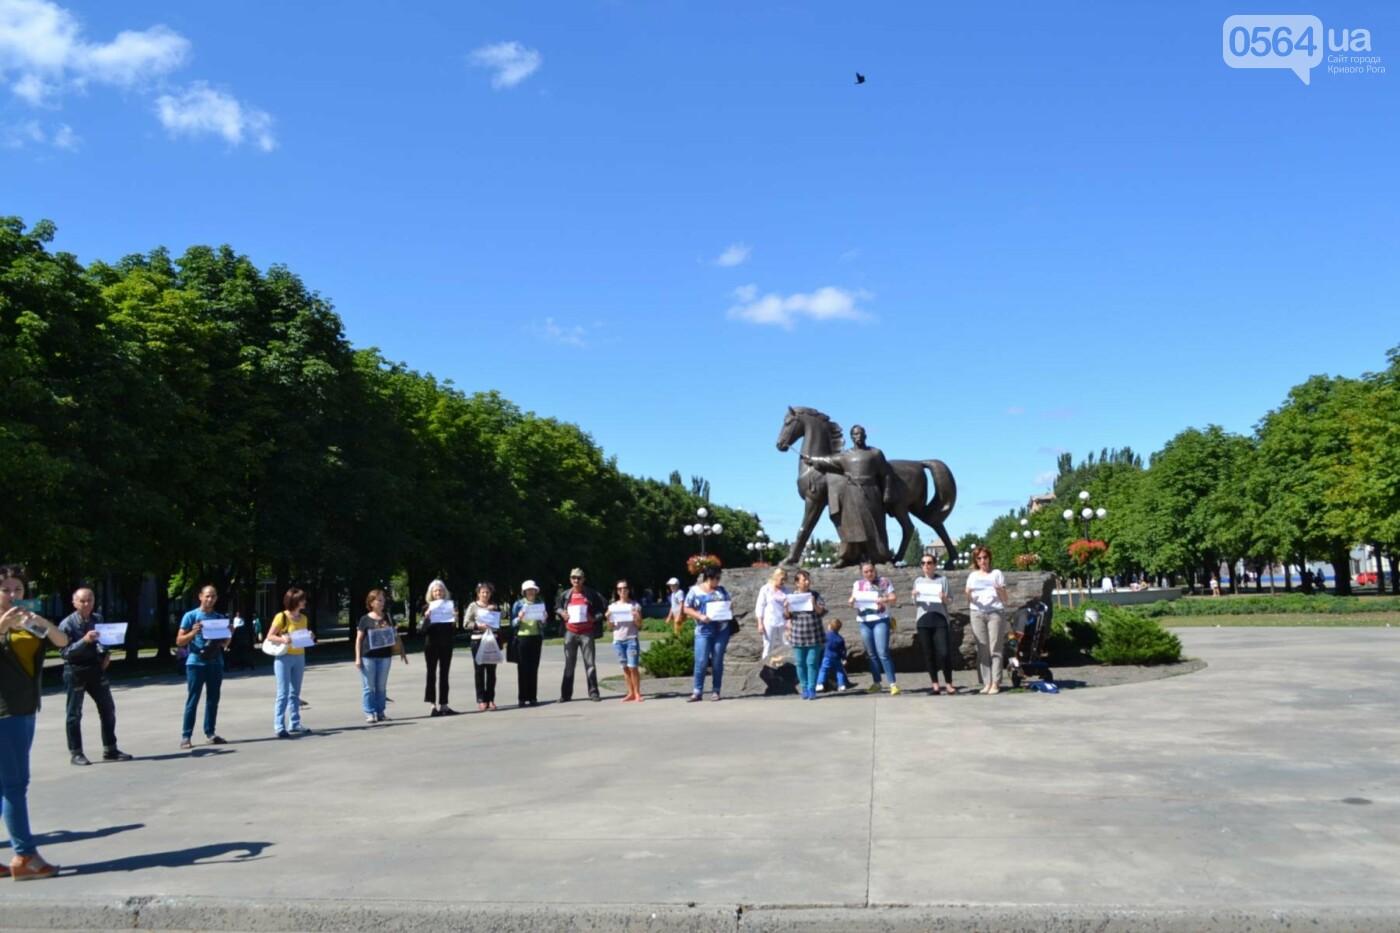 Криворожане вышли на всемирную акцию FreeSentsov, - ФОТО, ВИДЕО, фото-12